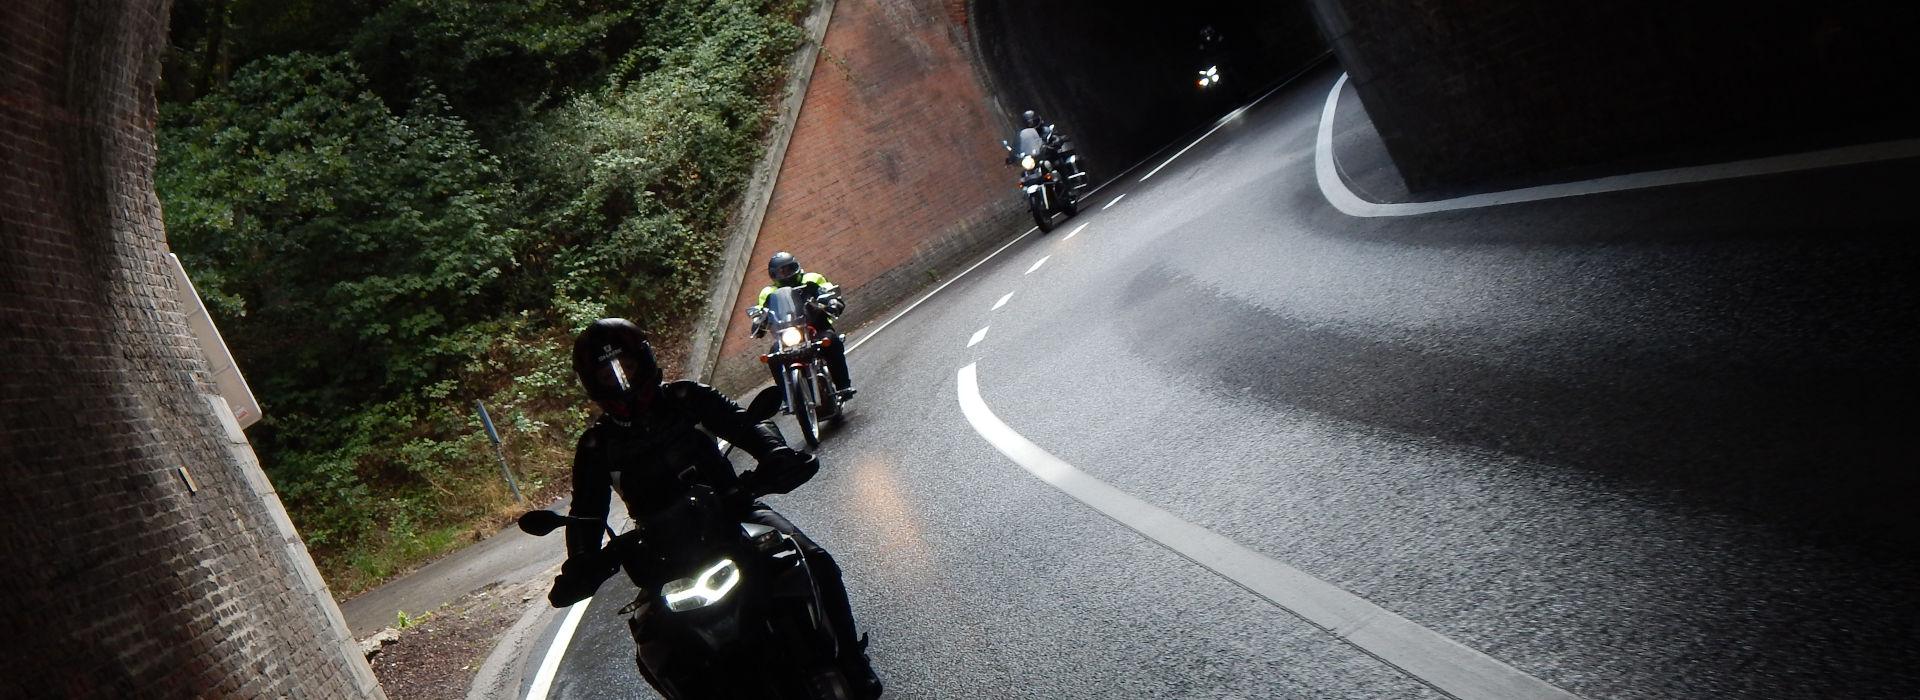 Motorrijbewijspoint Bunnik snel motorrijbewijs halen